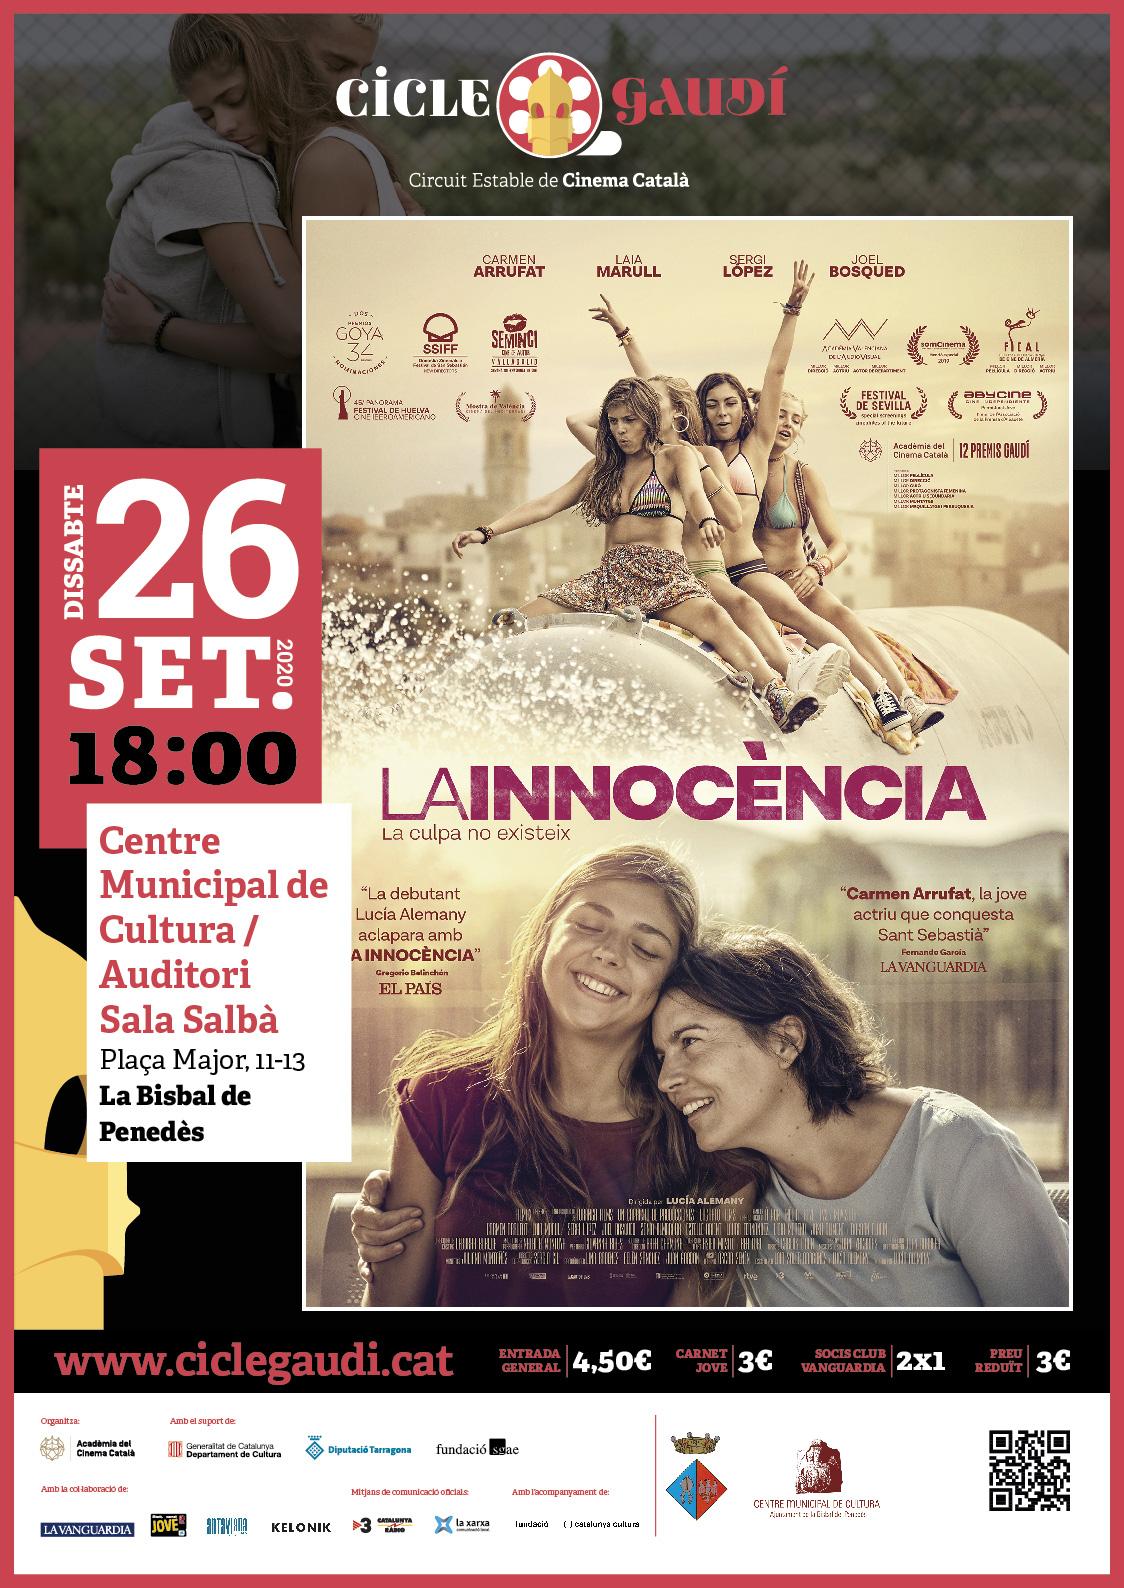 El dissabte 26 de setembre podreu tornar a gaudir del cinema del Cicle Gaudí a la Bisbal